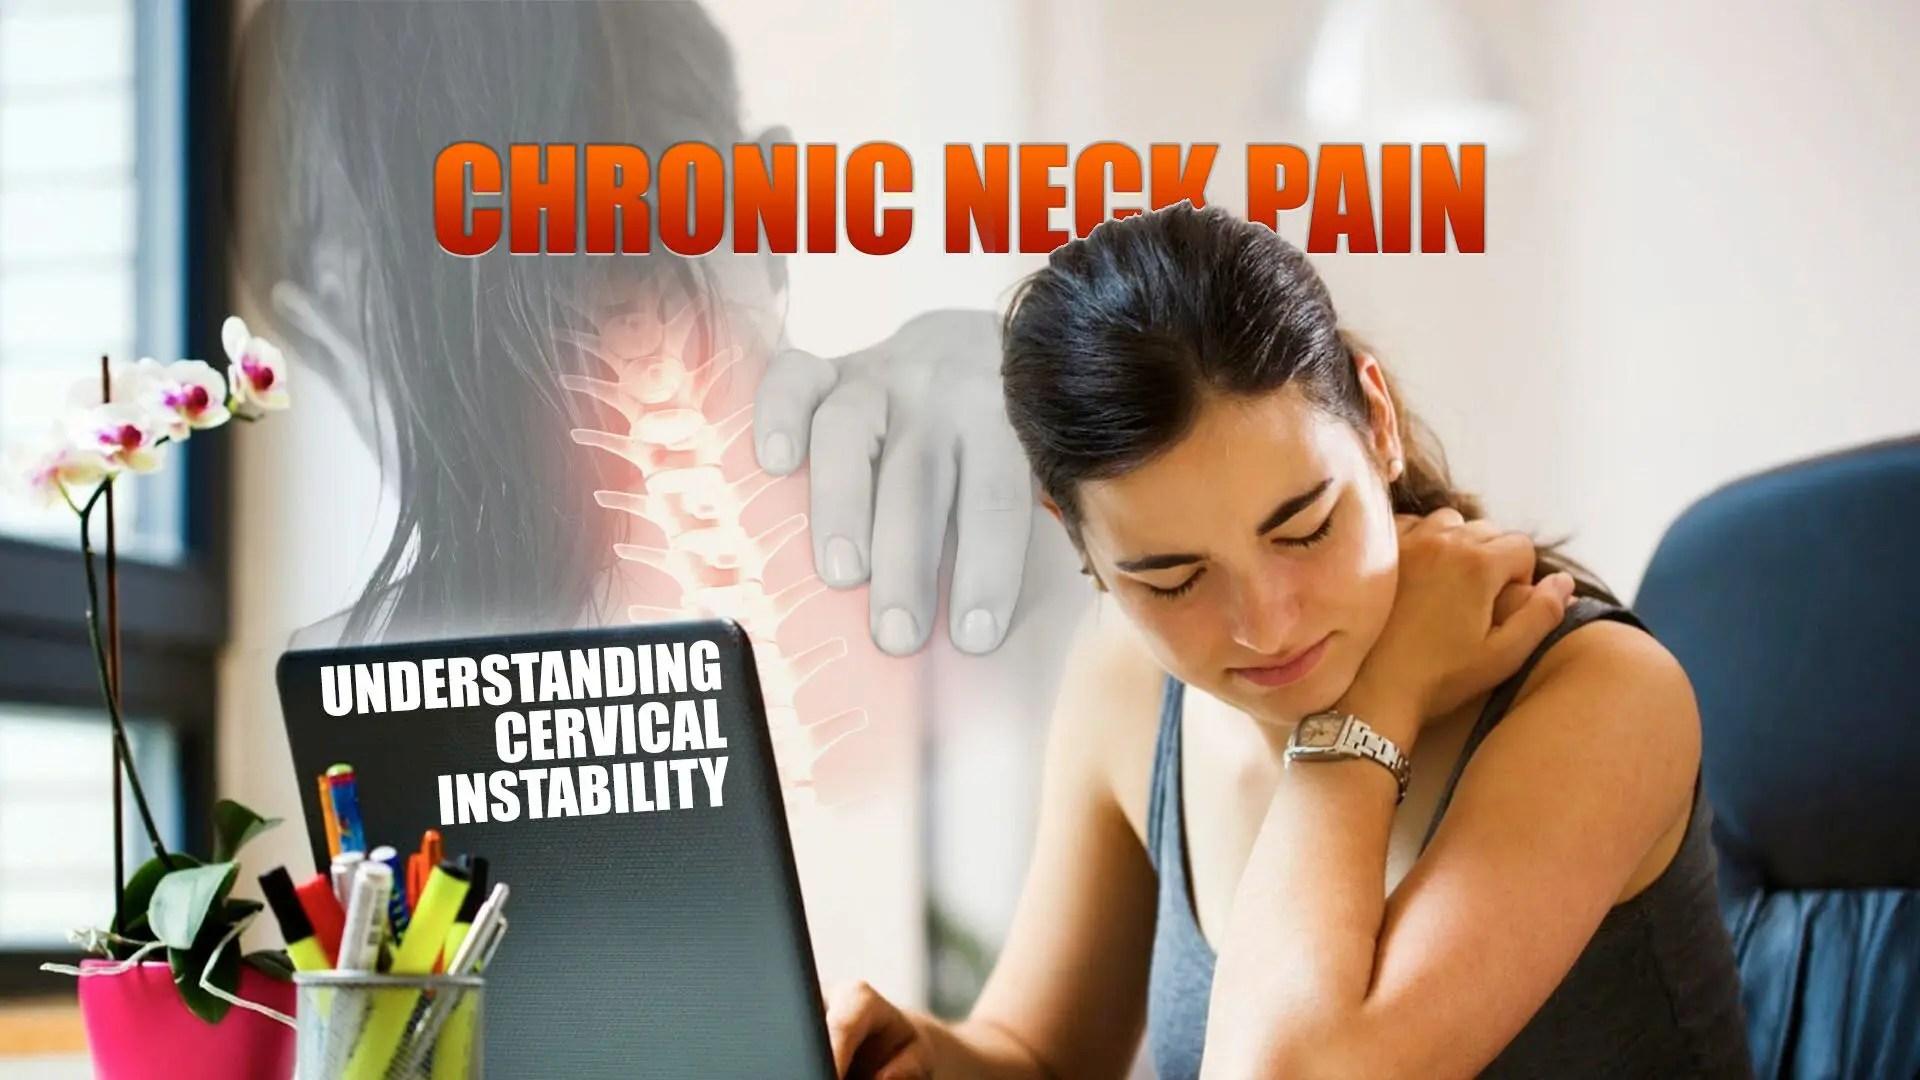 gerinc és ízületek fájdalmának összekapcsolása ízületi fájdalom ízületi fájdalom miatt